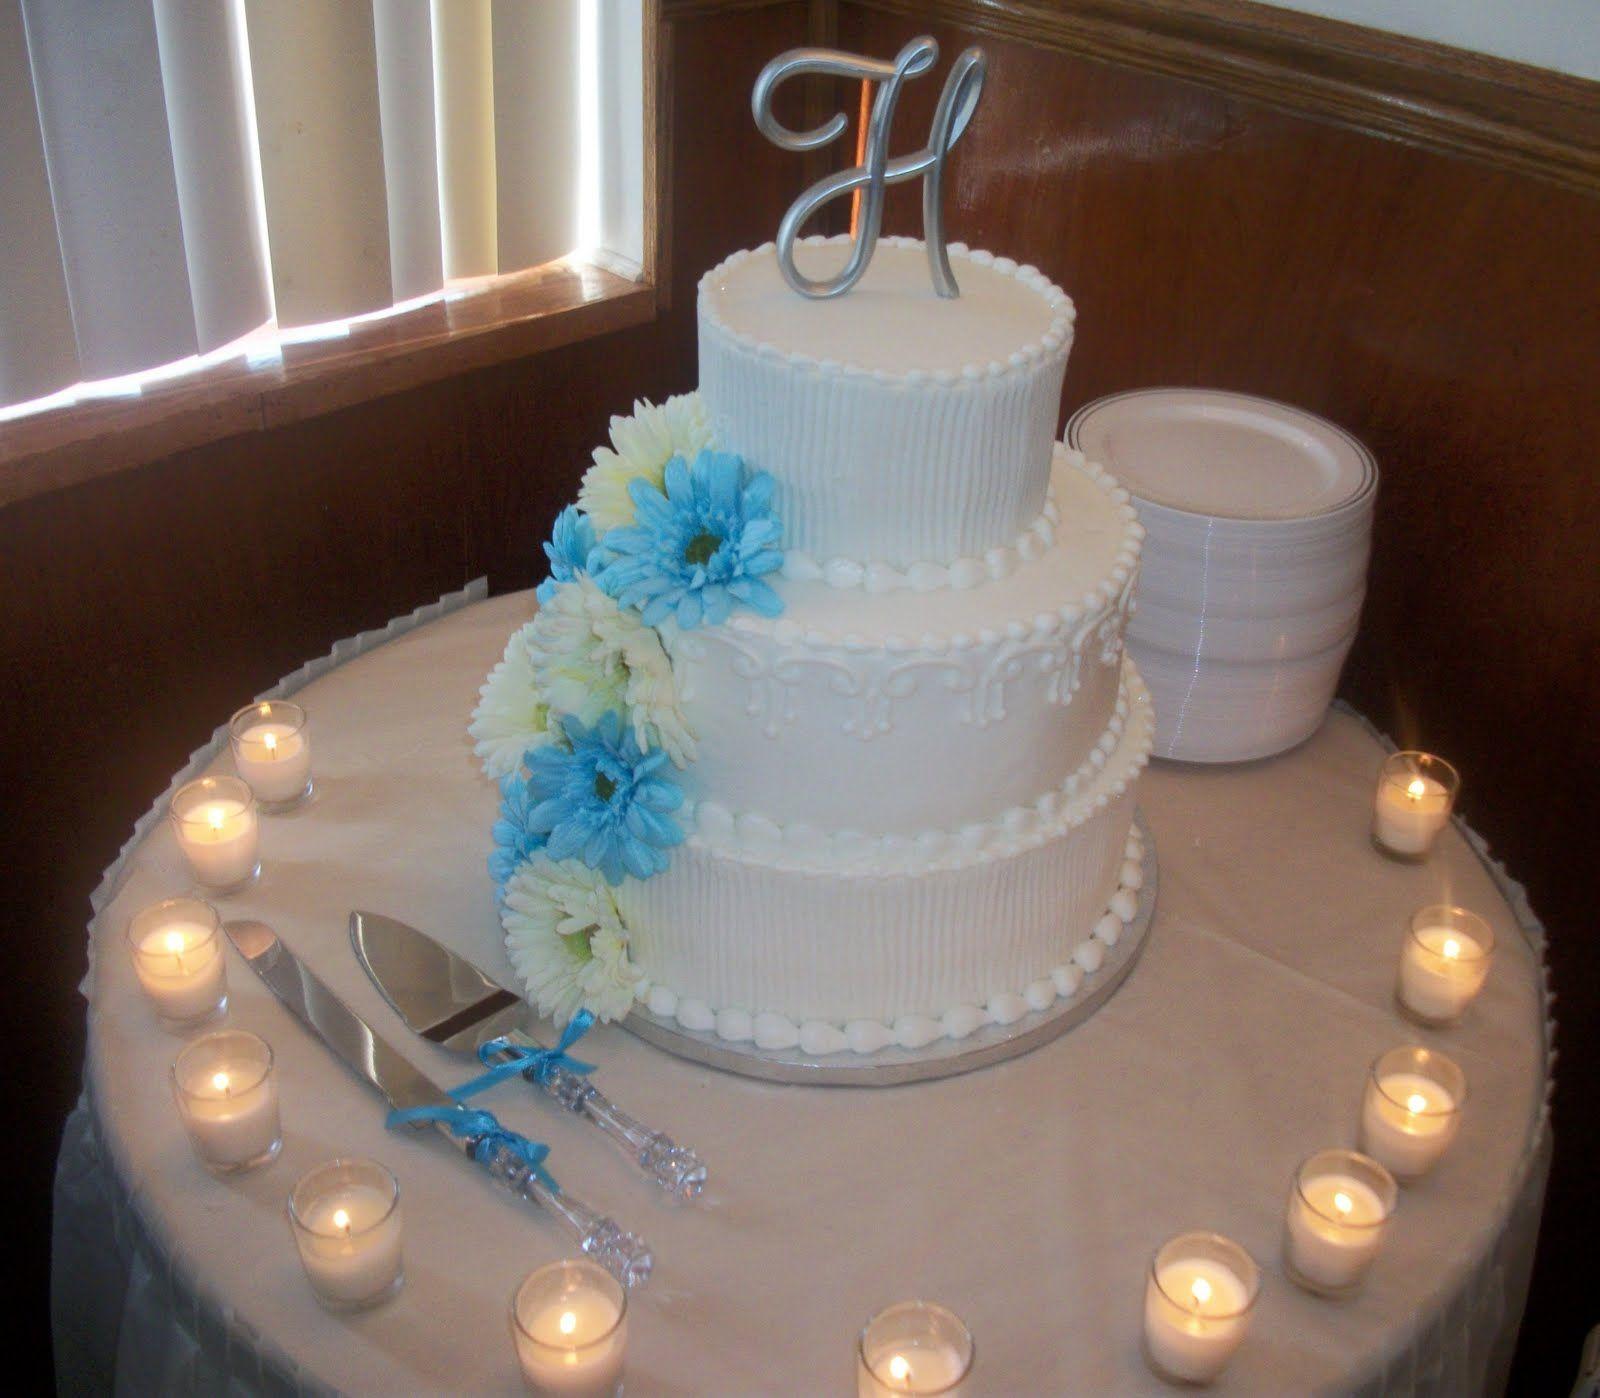 Events By Tammy April 2011 Walmart Wedding Cake Wedding Cake Cost Wedding Cake Planning